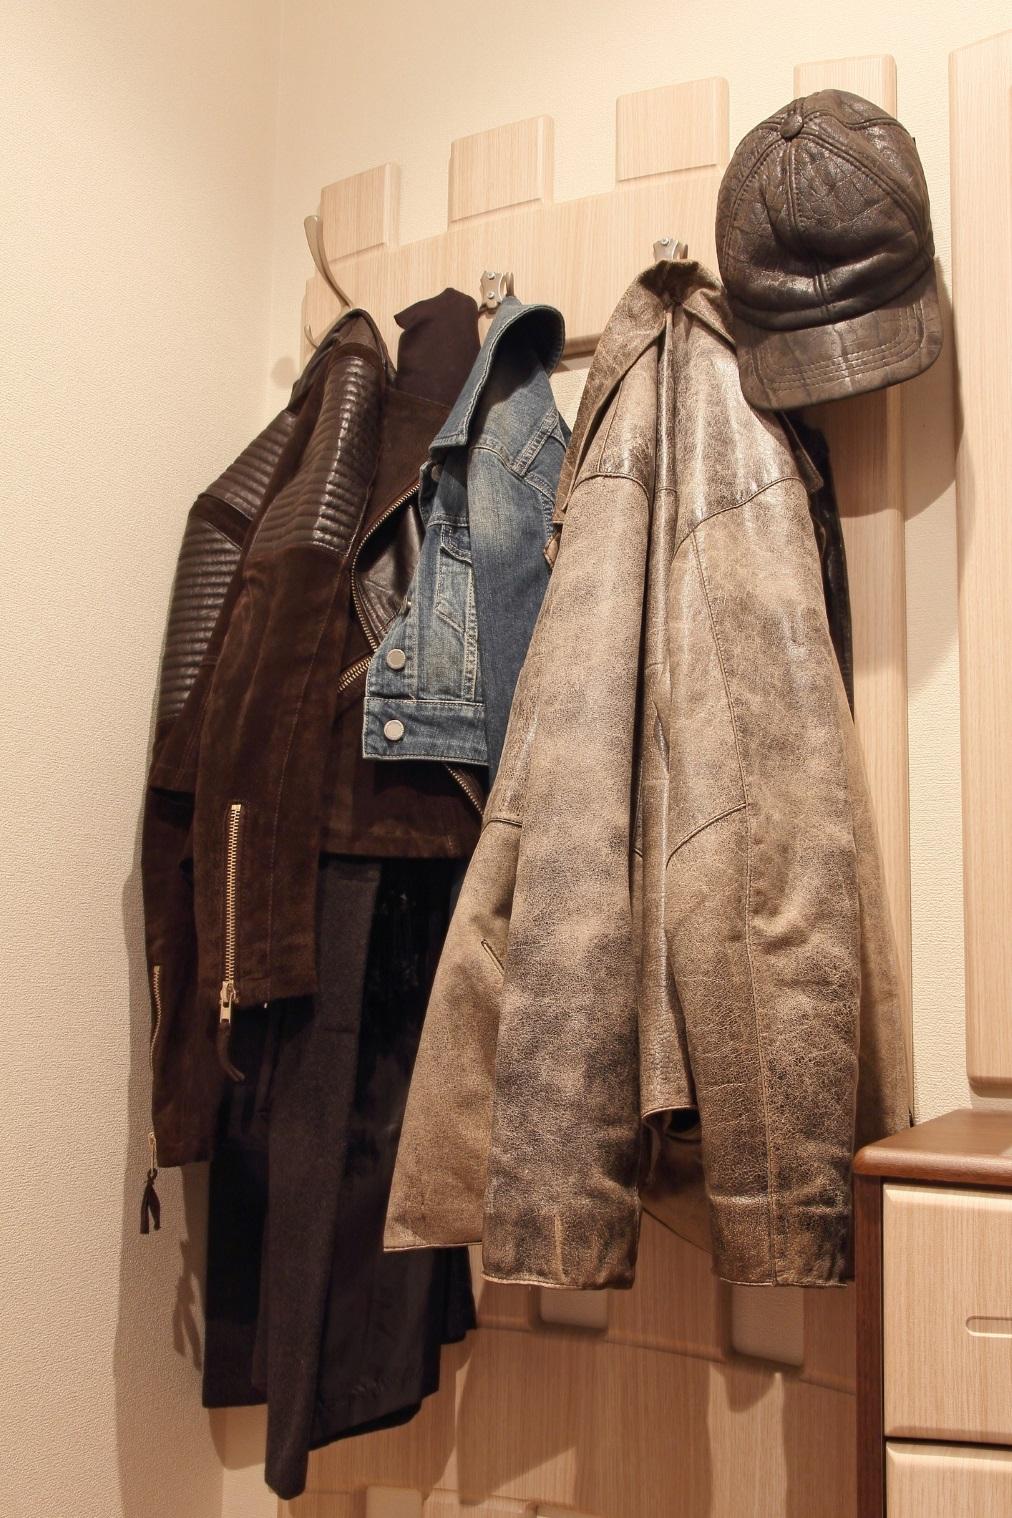 Дали имате много натрупани дрехи на закачалката в коридора.